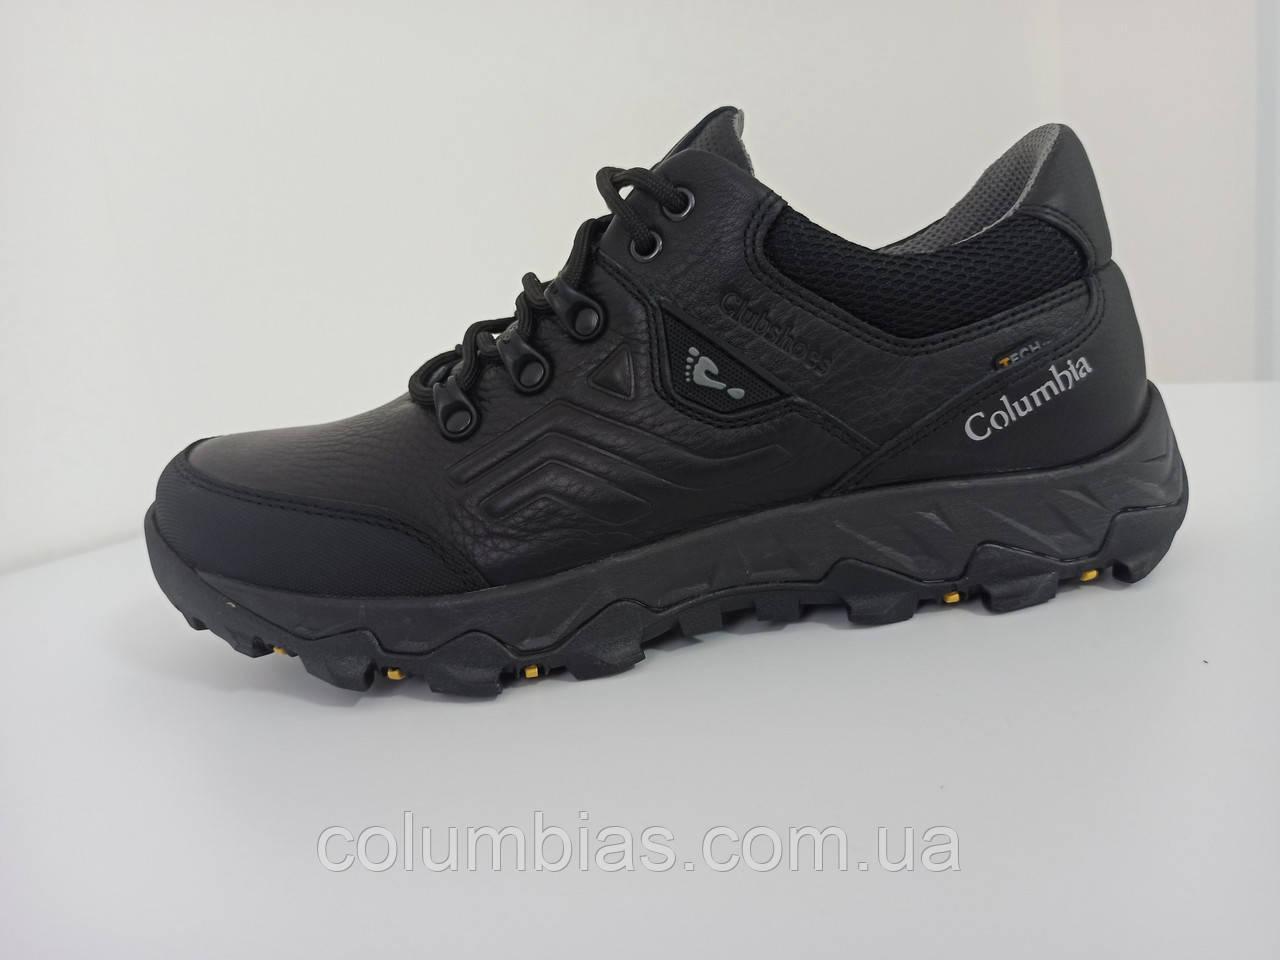 Весняні шкіряні кросівки каламбия zx 3946